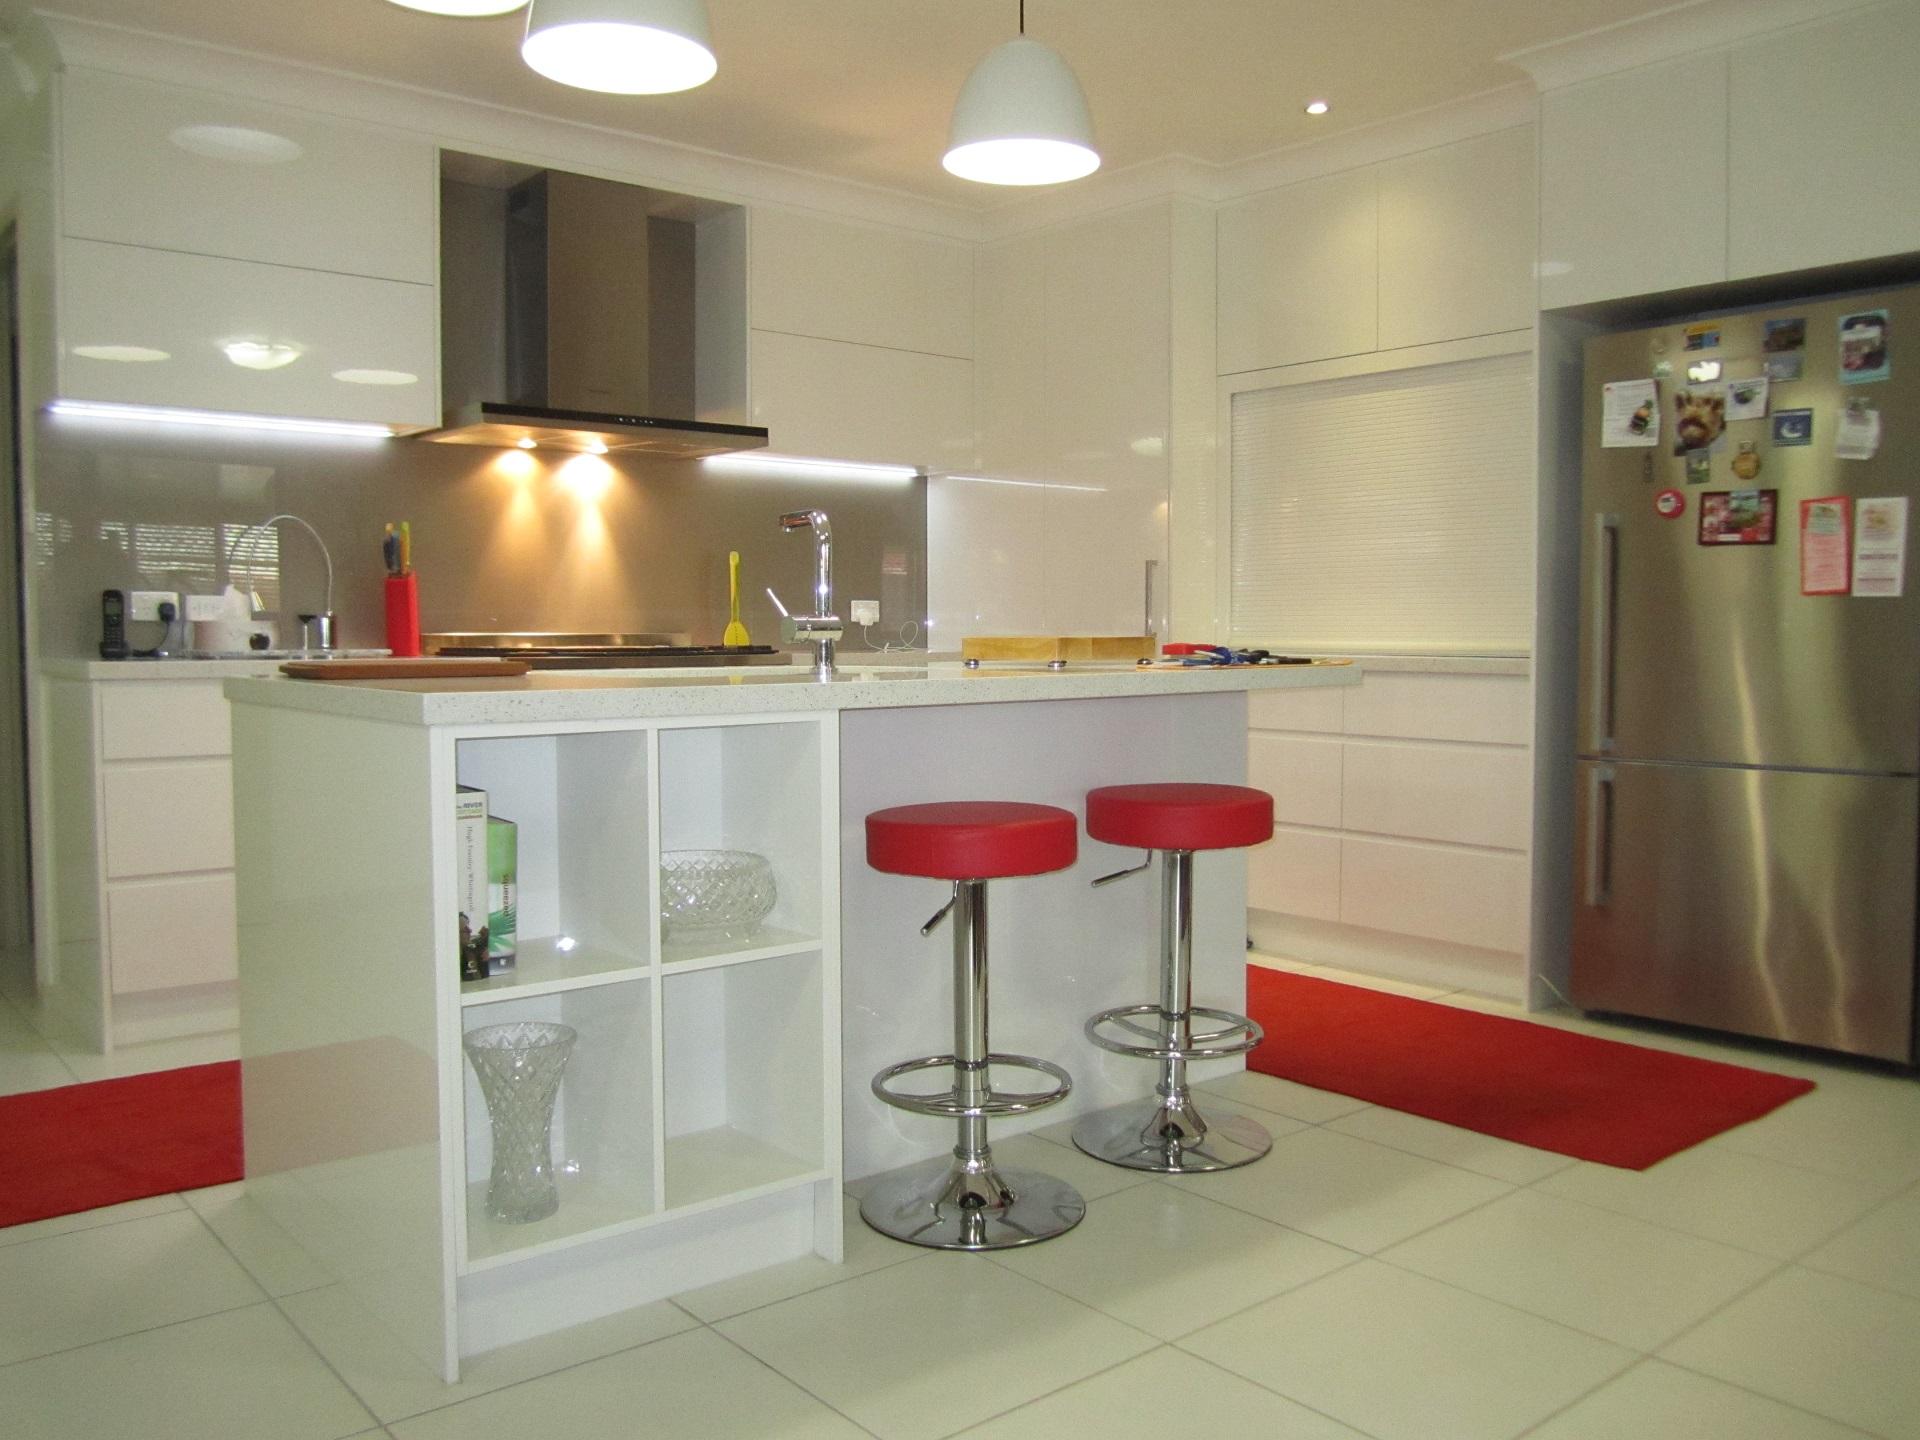 Brisbane Kitchen Design Brackenridge Contemporary Kitchen Island Book Shelf